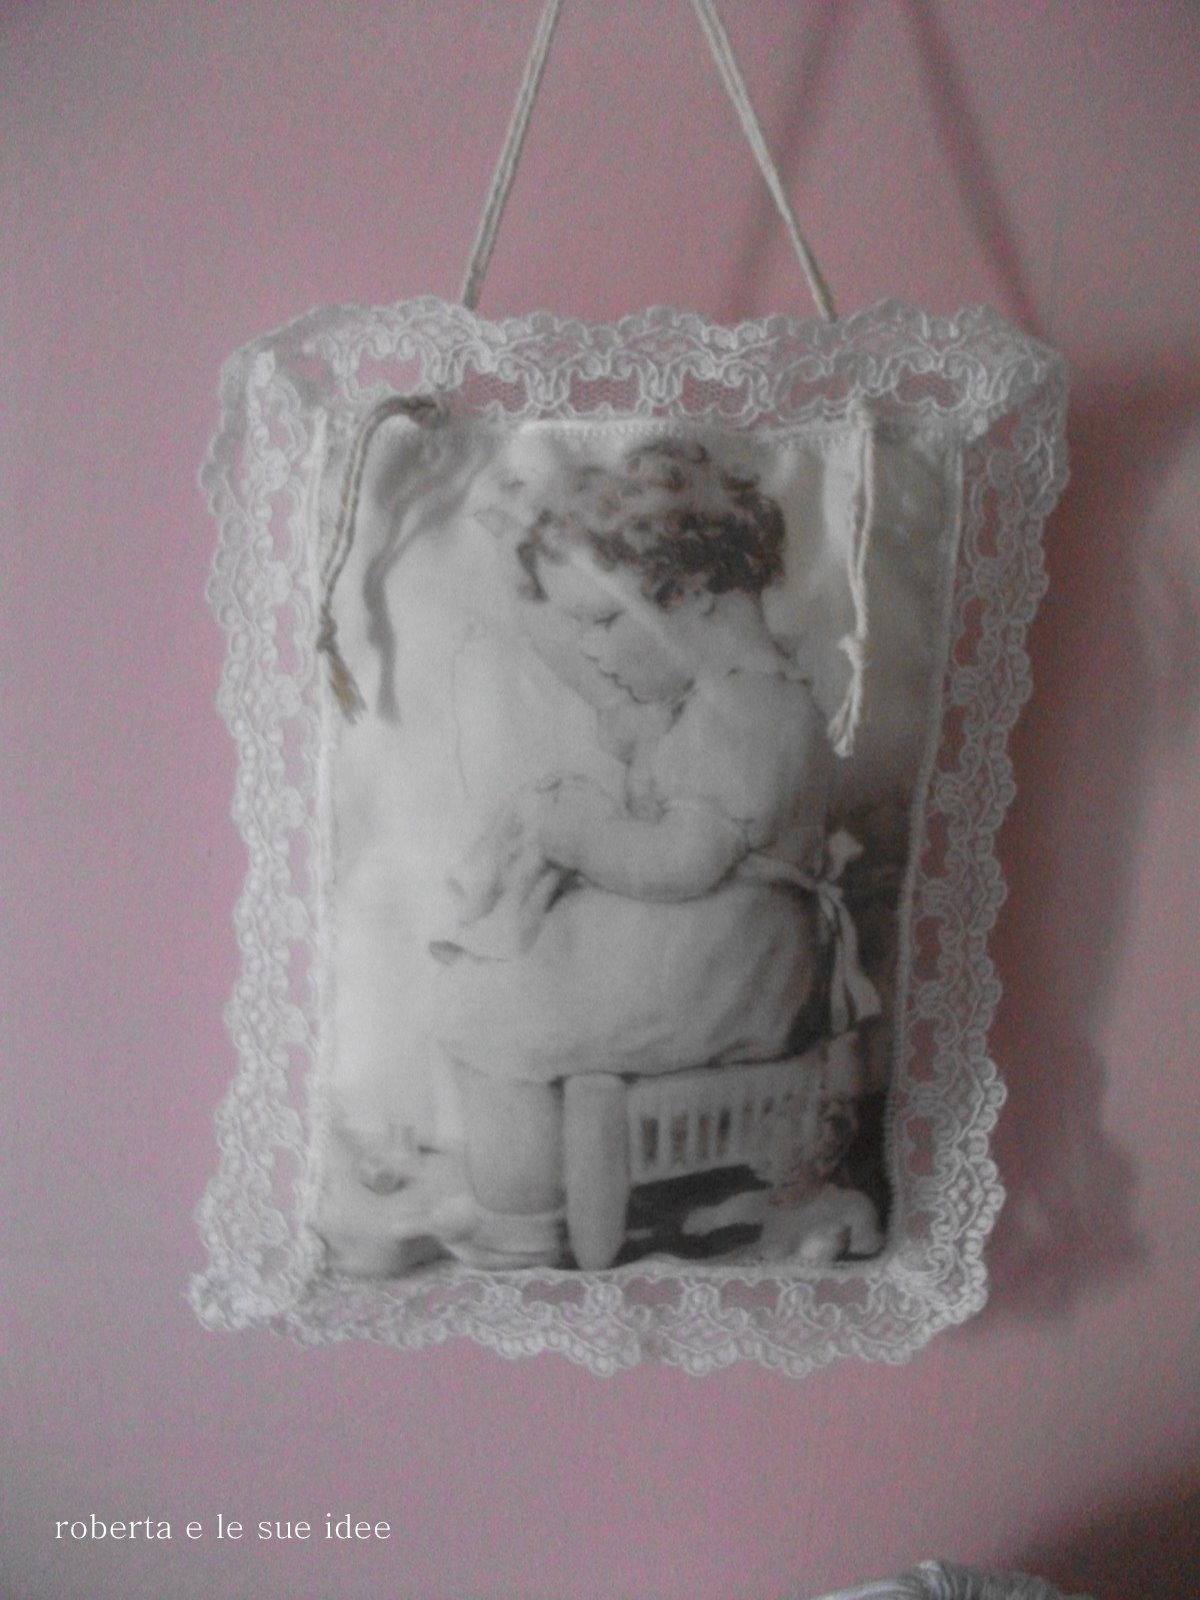 Roberta e le sue idee cuscinetti porta lavanda - Porta cuscinetti ...